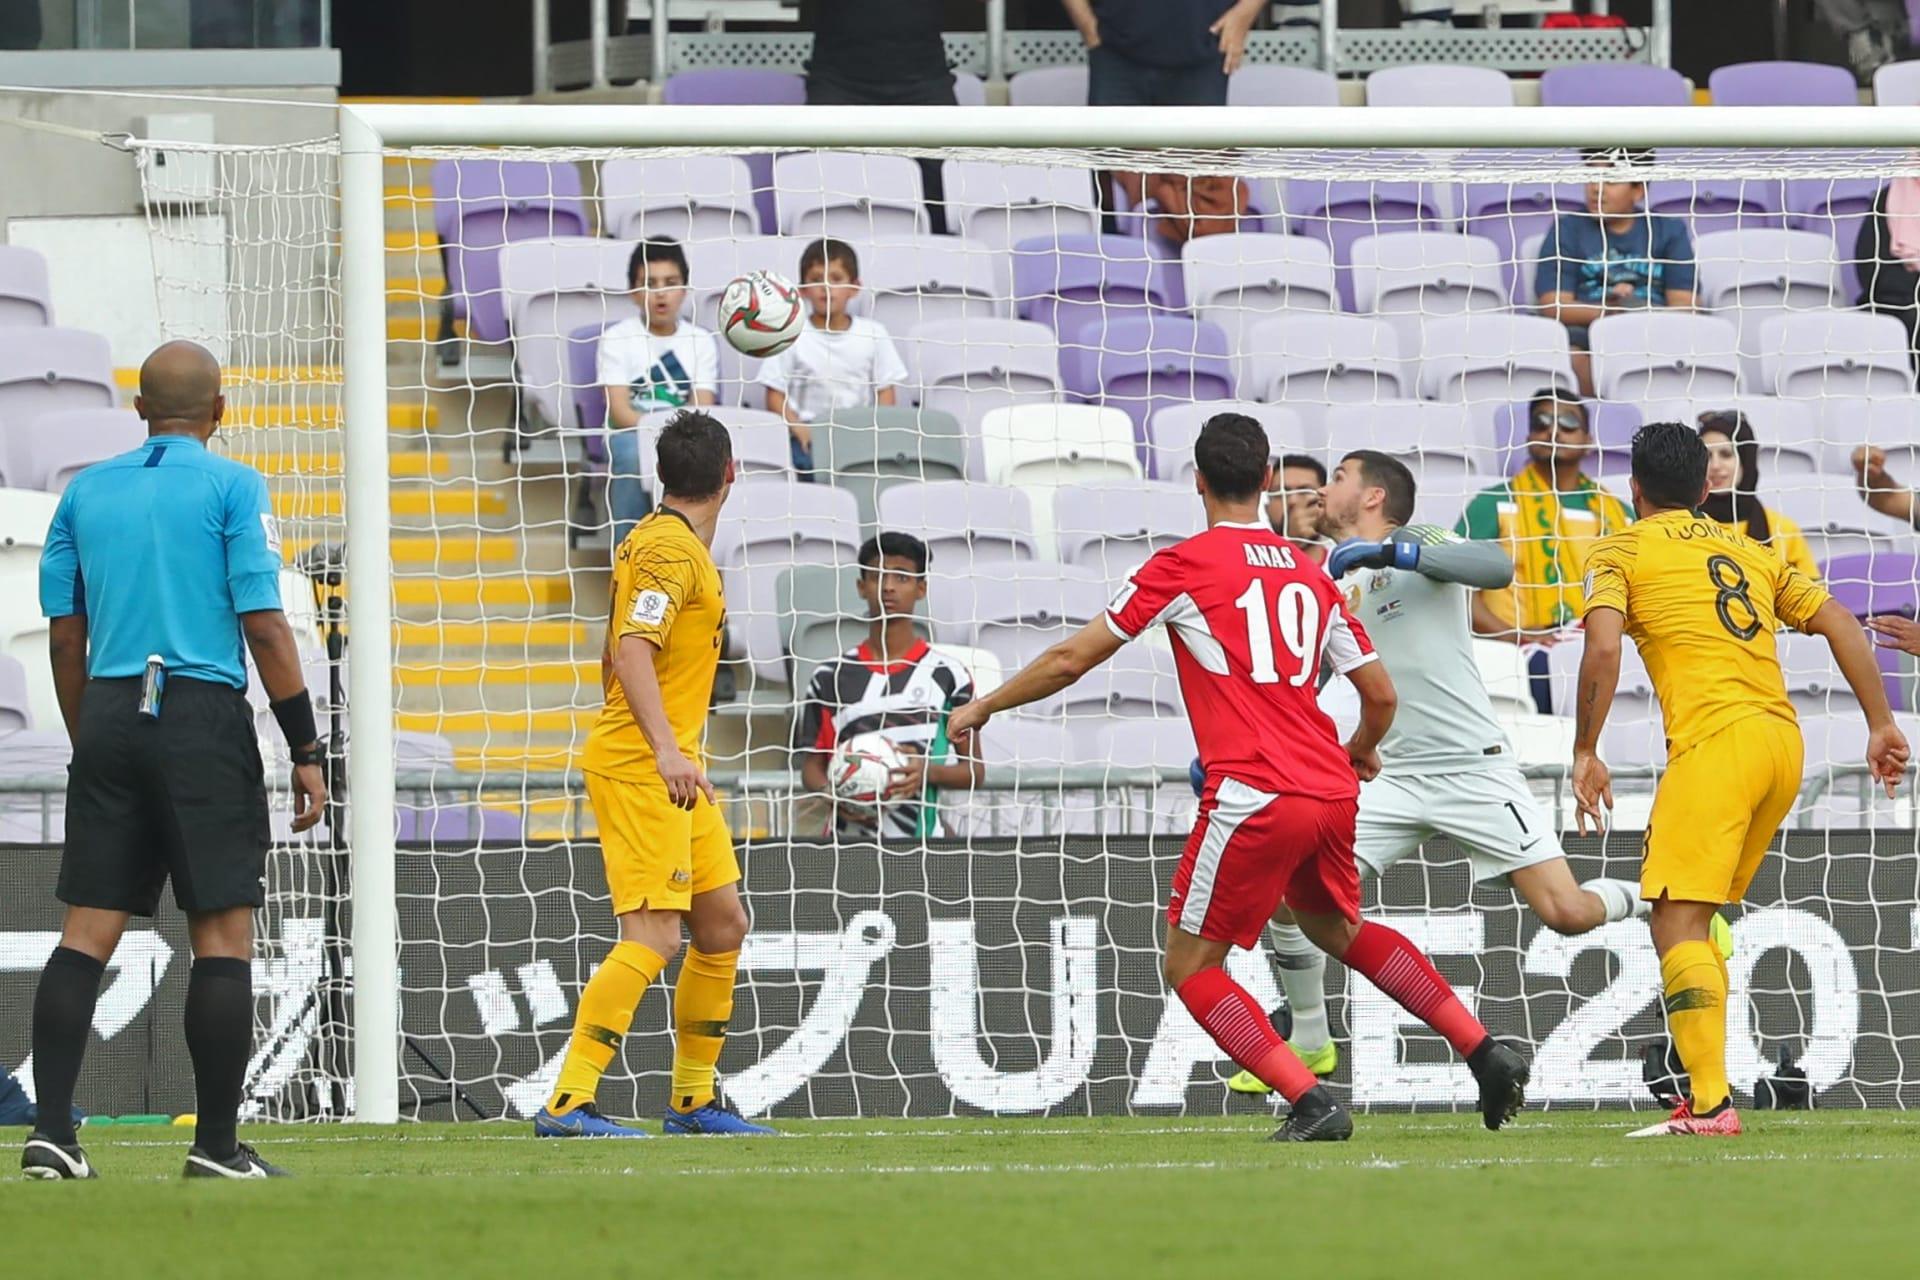 الأردن يبدأ مشواره في كأس آسيا بالفوز على حامل اللقب